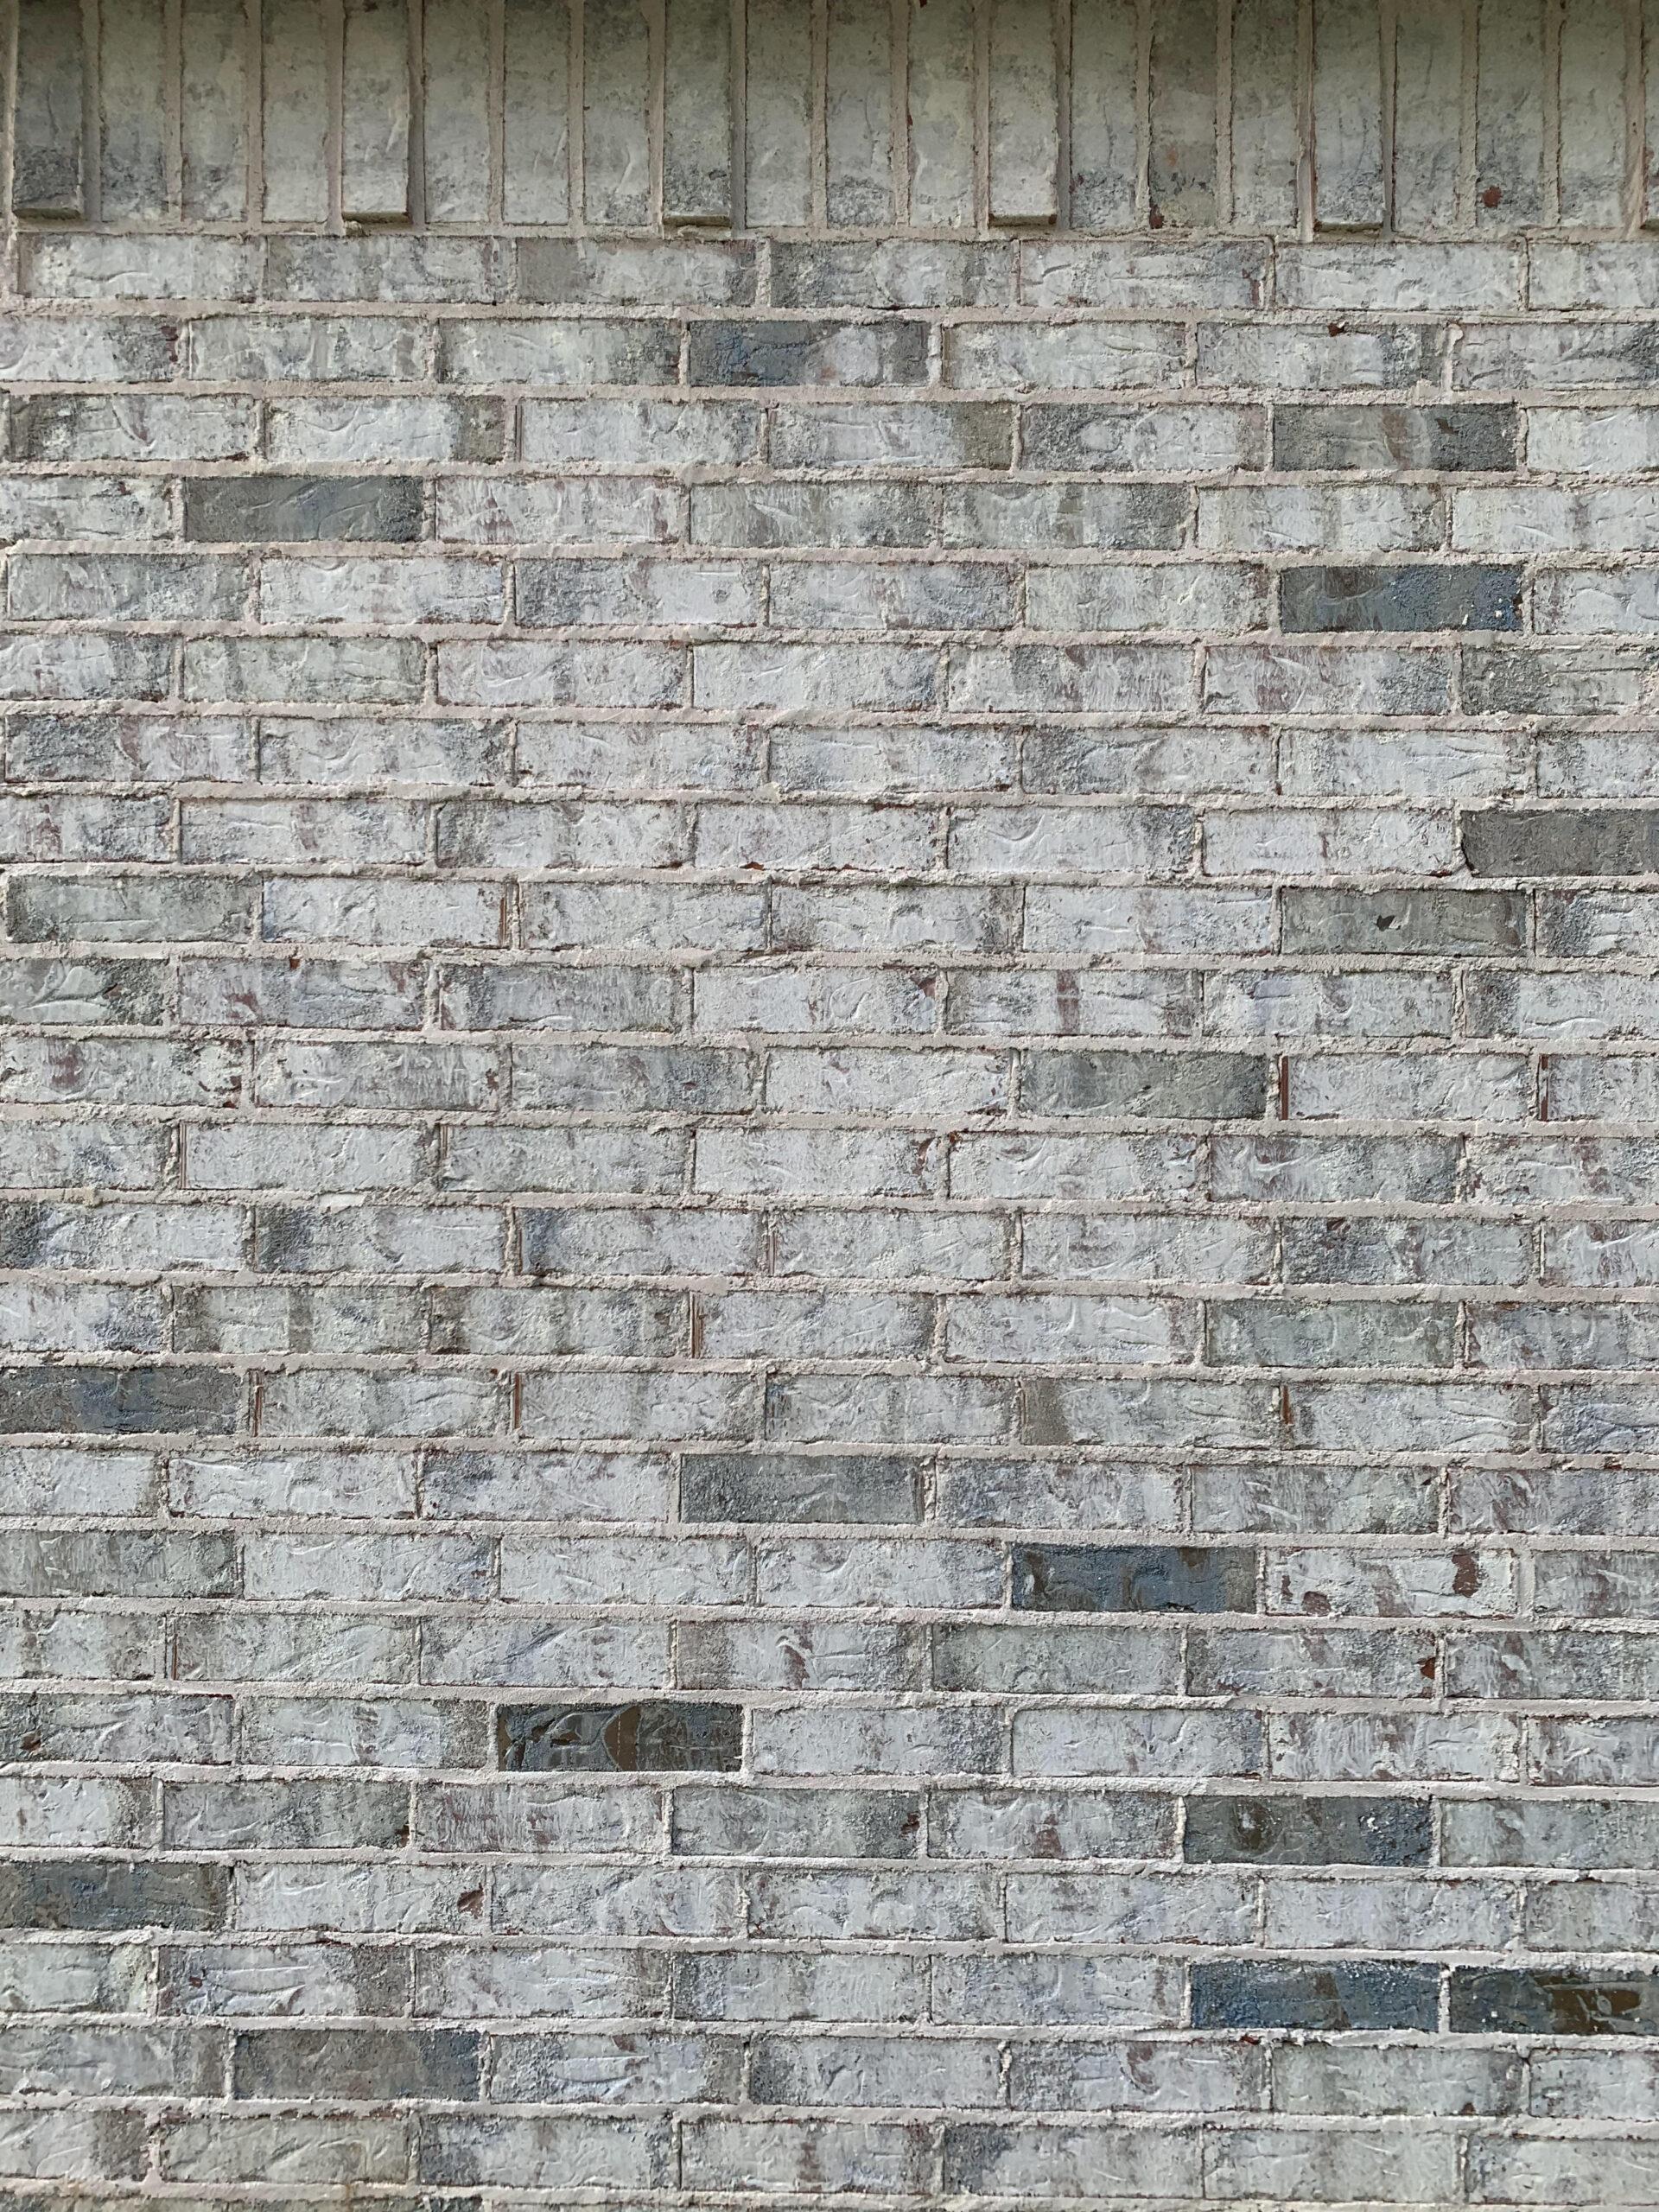 Knob Hill Brick